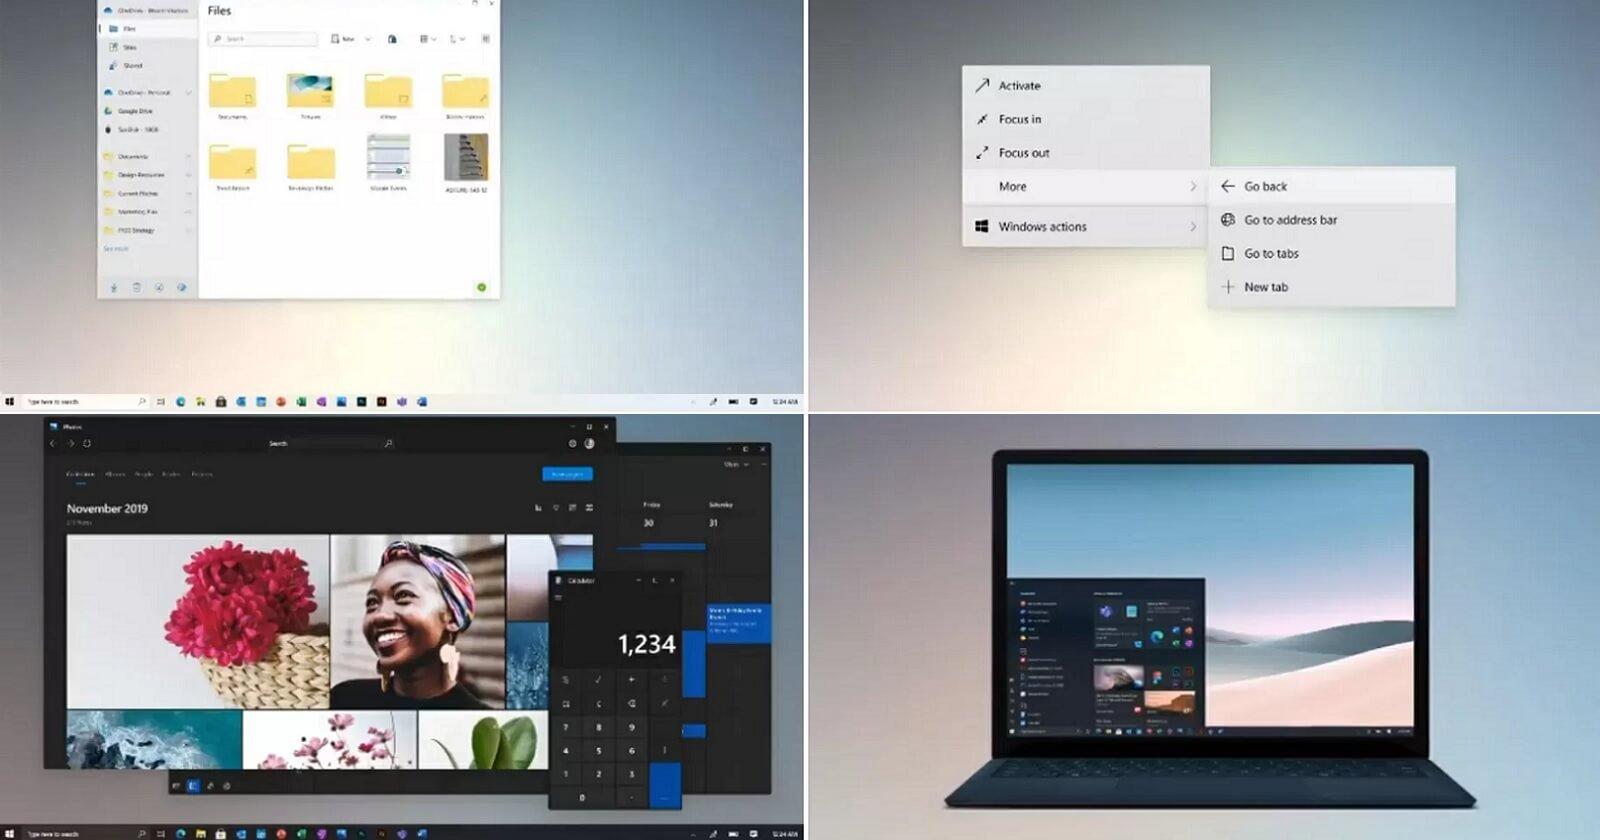 微软证实Win10 Sun Valley更新将带来激动人心的变化的照片 - 2